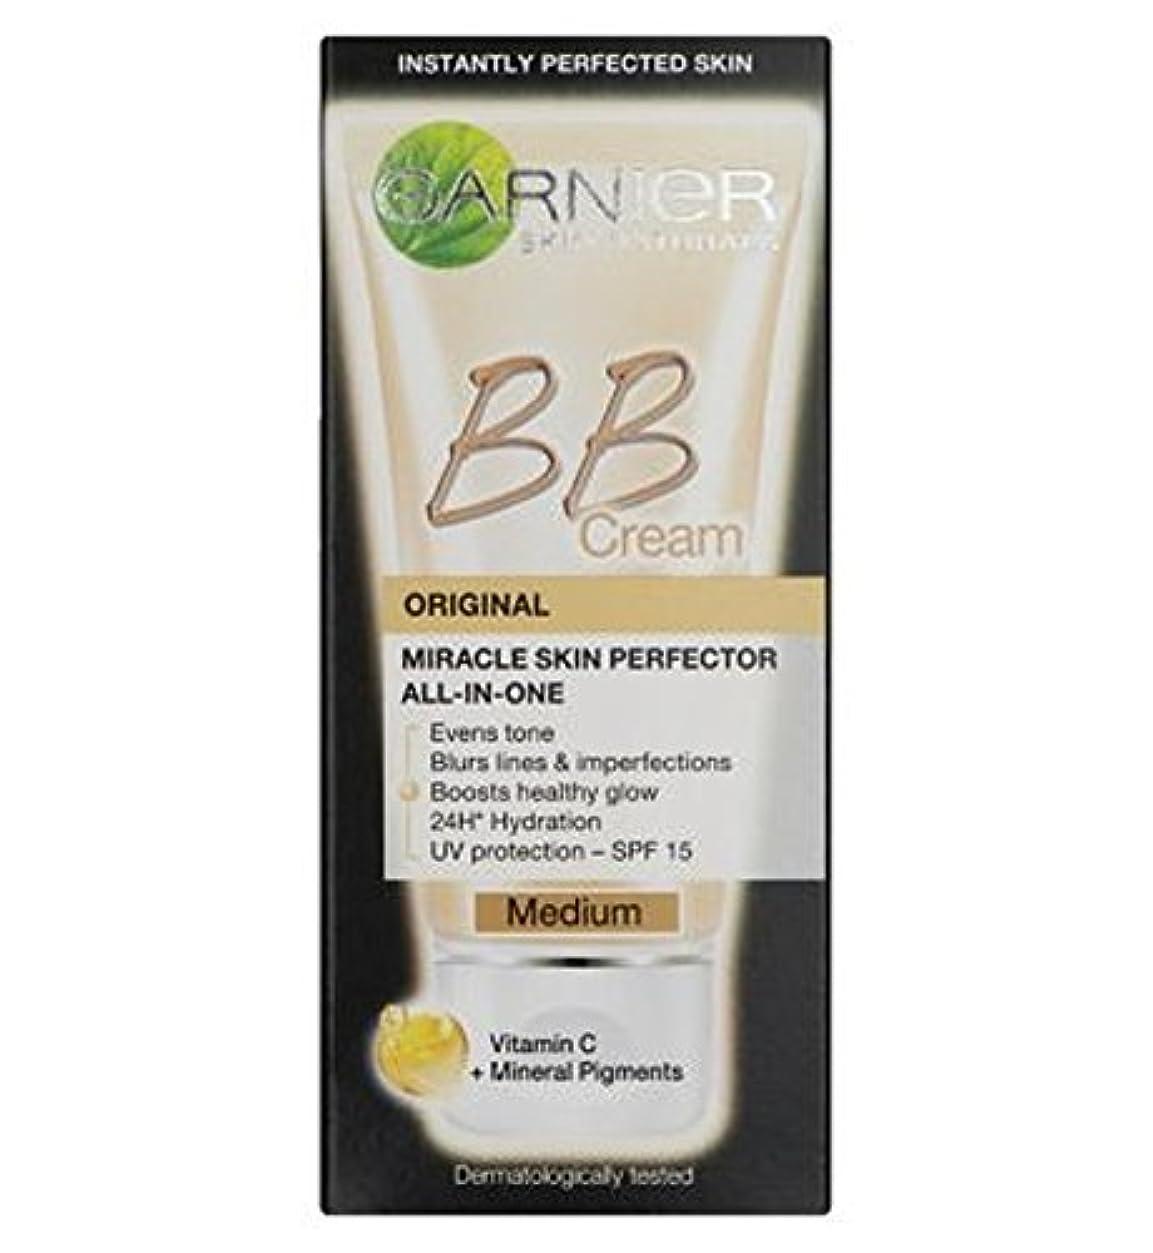 反発打撃バタフライGarnier Skin Perfector Daily All-In-One B.B. Blemish Balm Cream Medium 50ml - 毎日オールインワンB.B.ガルニエスキンパーフェク傷バームクリーム...